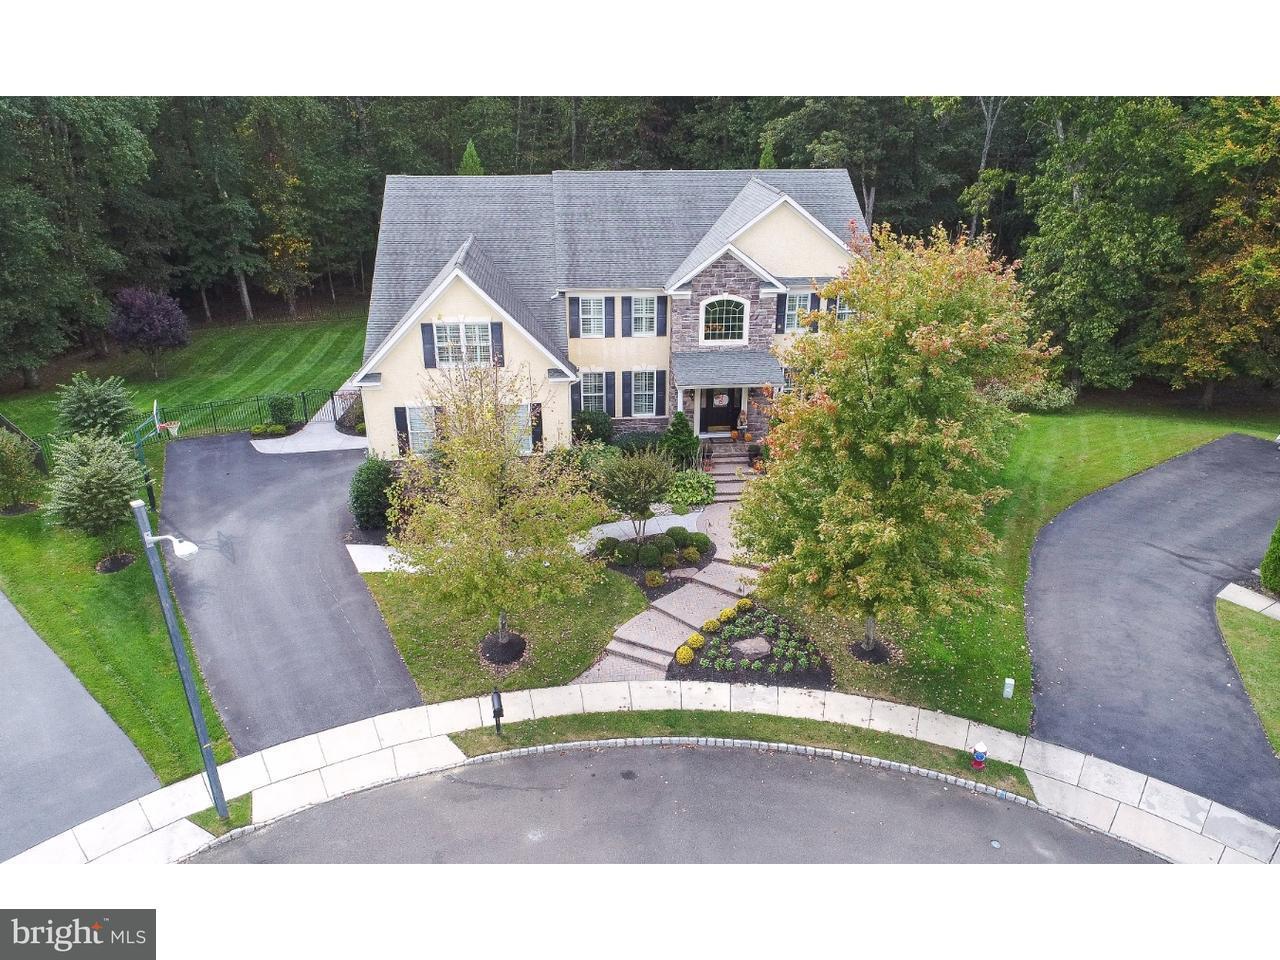 Μονοκατοικία για την Πώληση στο 23 SPRINGVILLE WAY Mount Laurel, Νιου Τζερσεϋ 08054 Ηνωμενεσ Πολιτειεσ